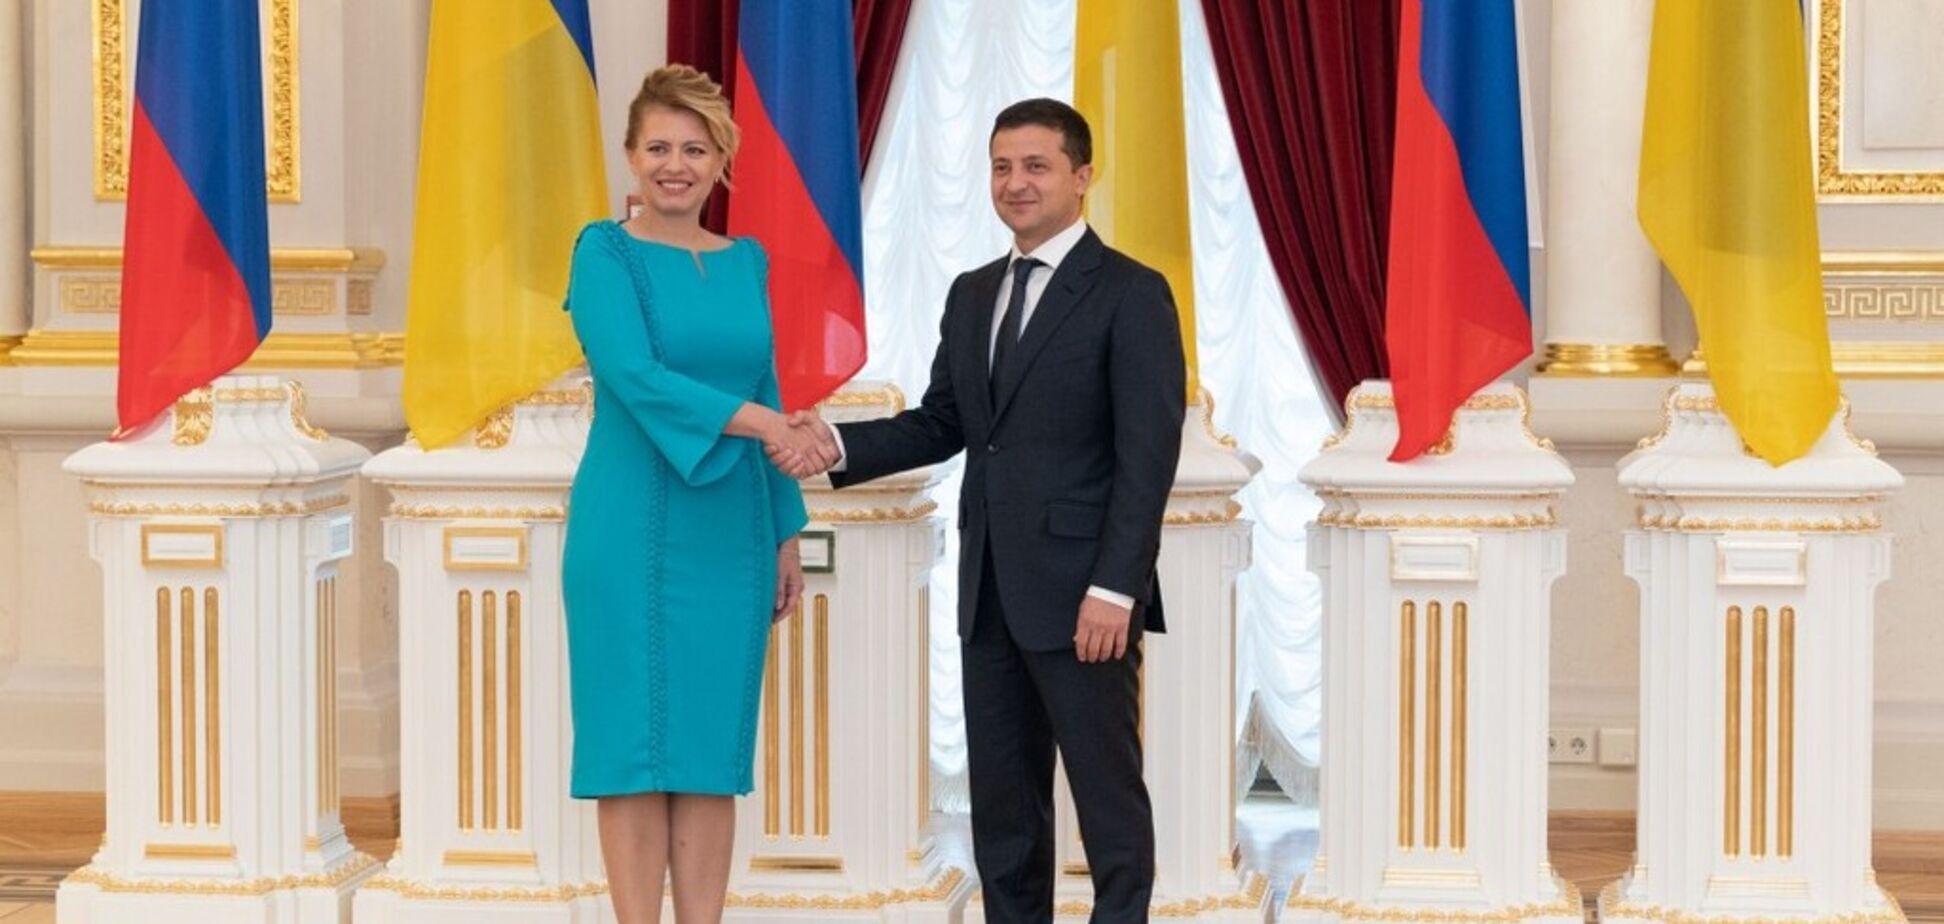 Словаччина підтримала санкції проти Росії: озвучено причину